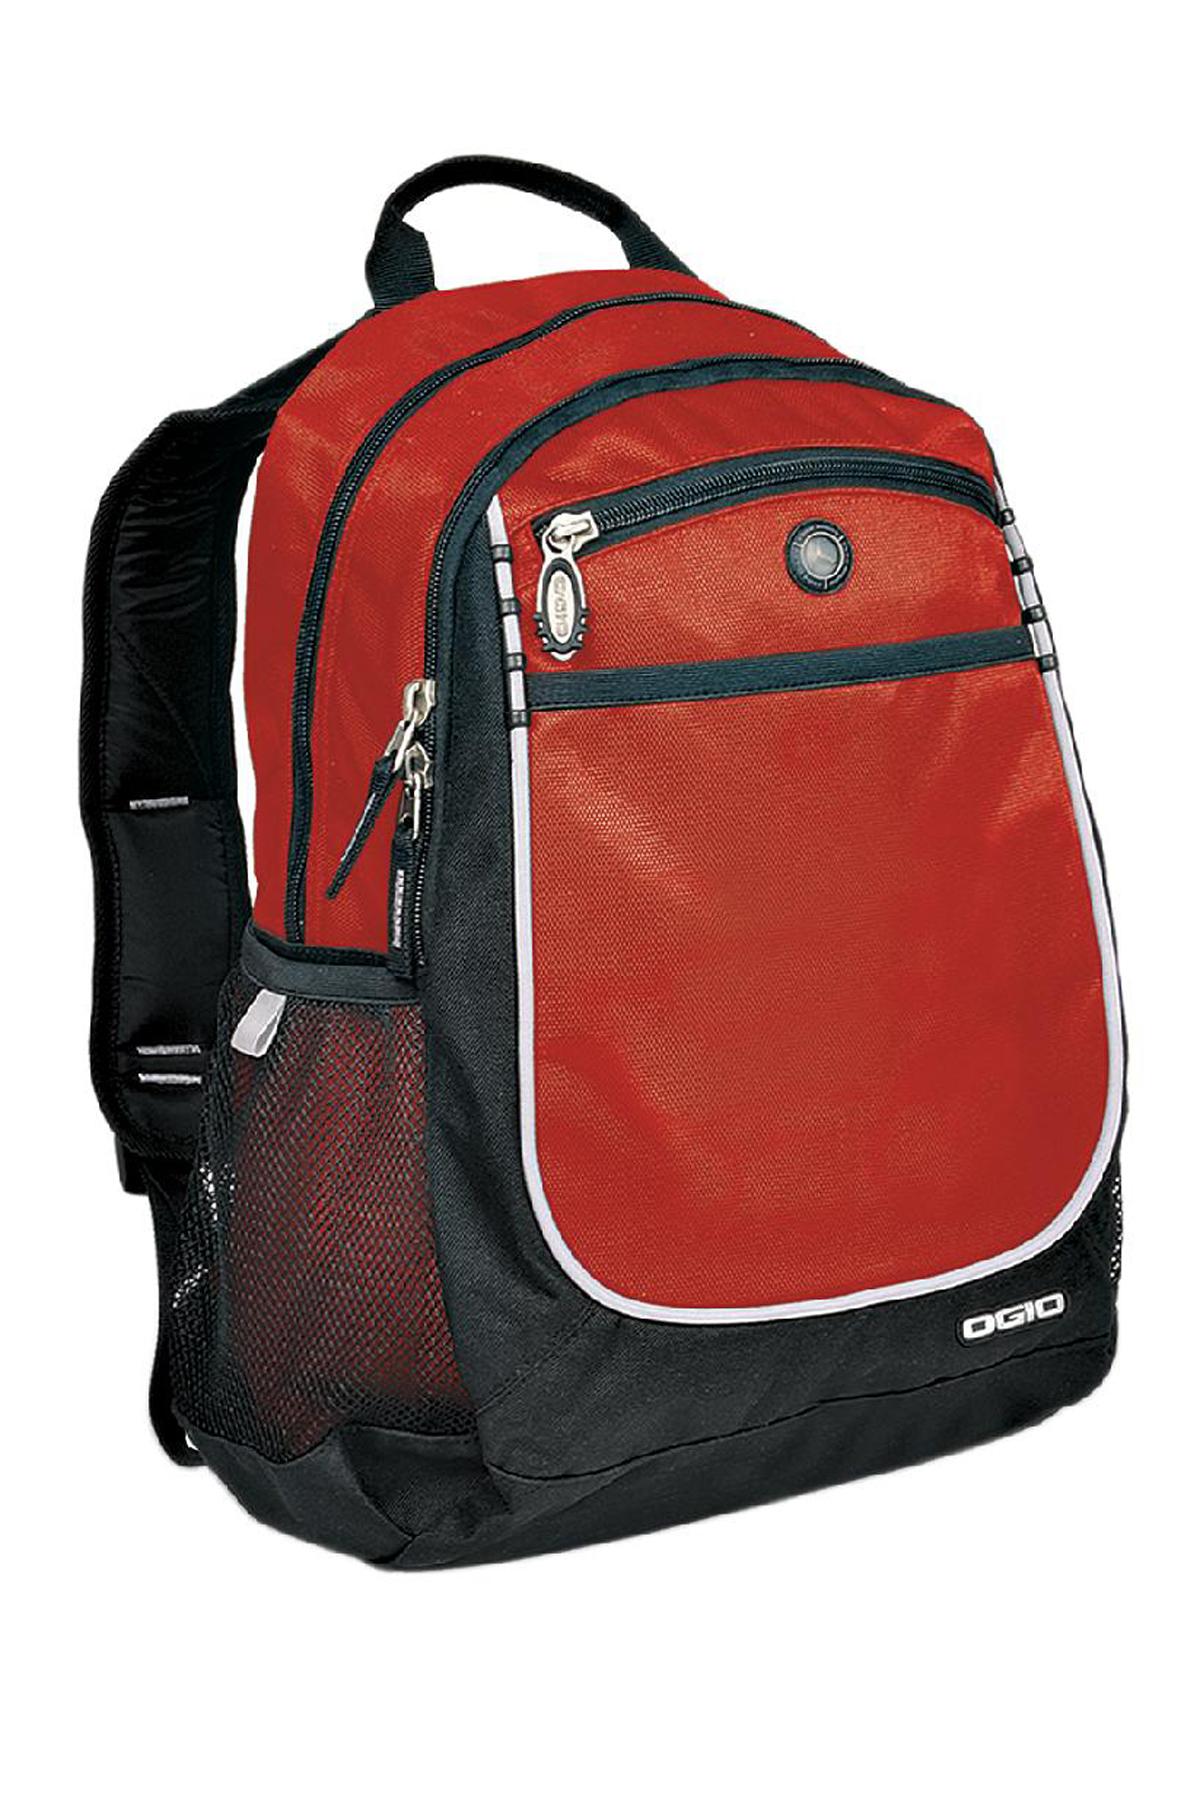 Bags-Backpacks-18